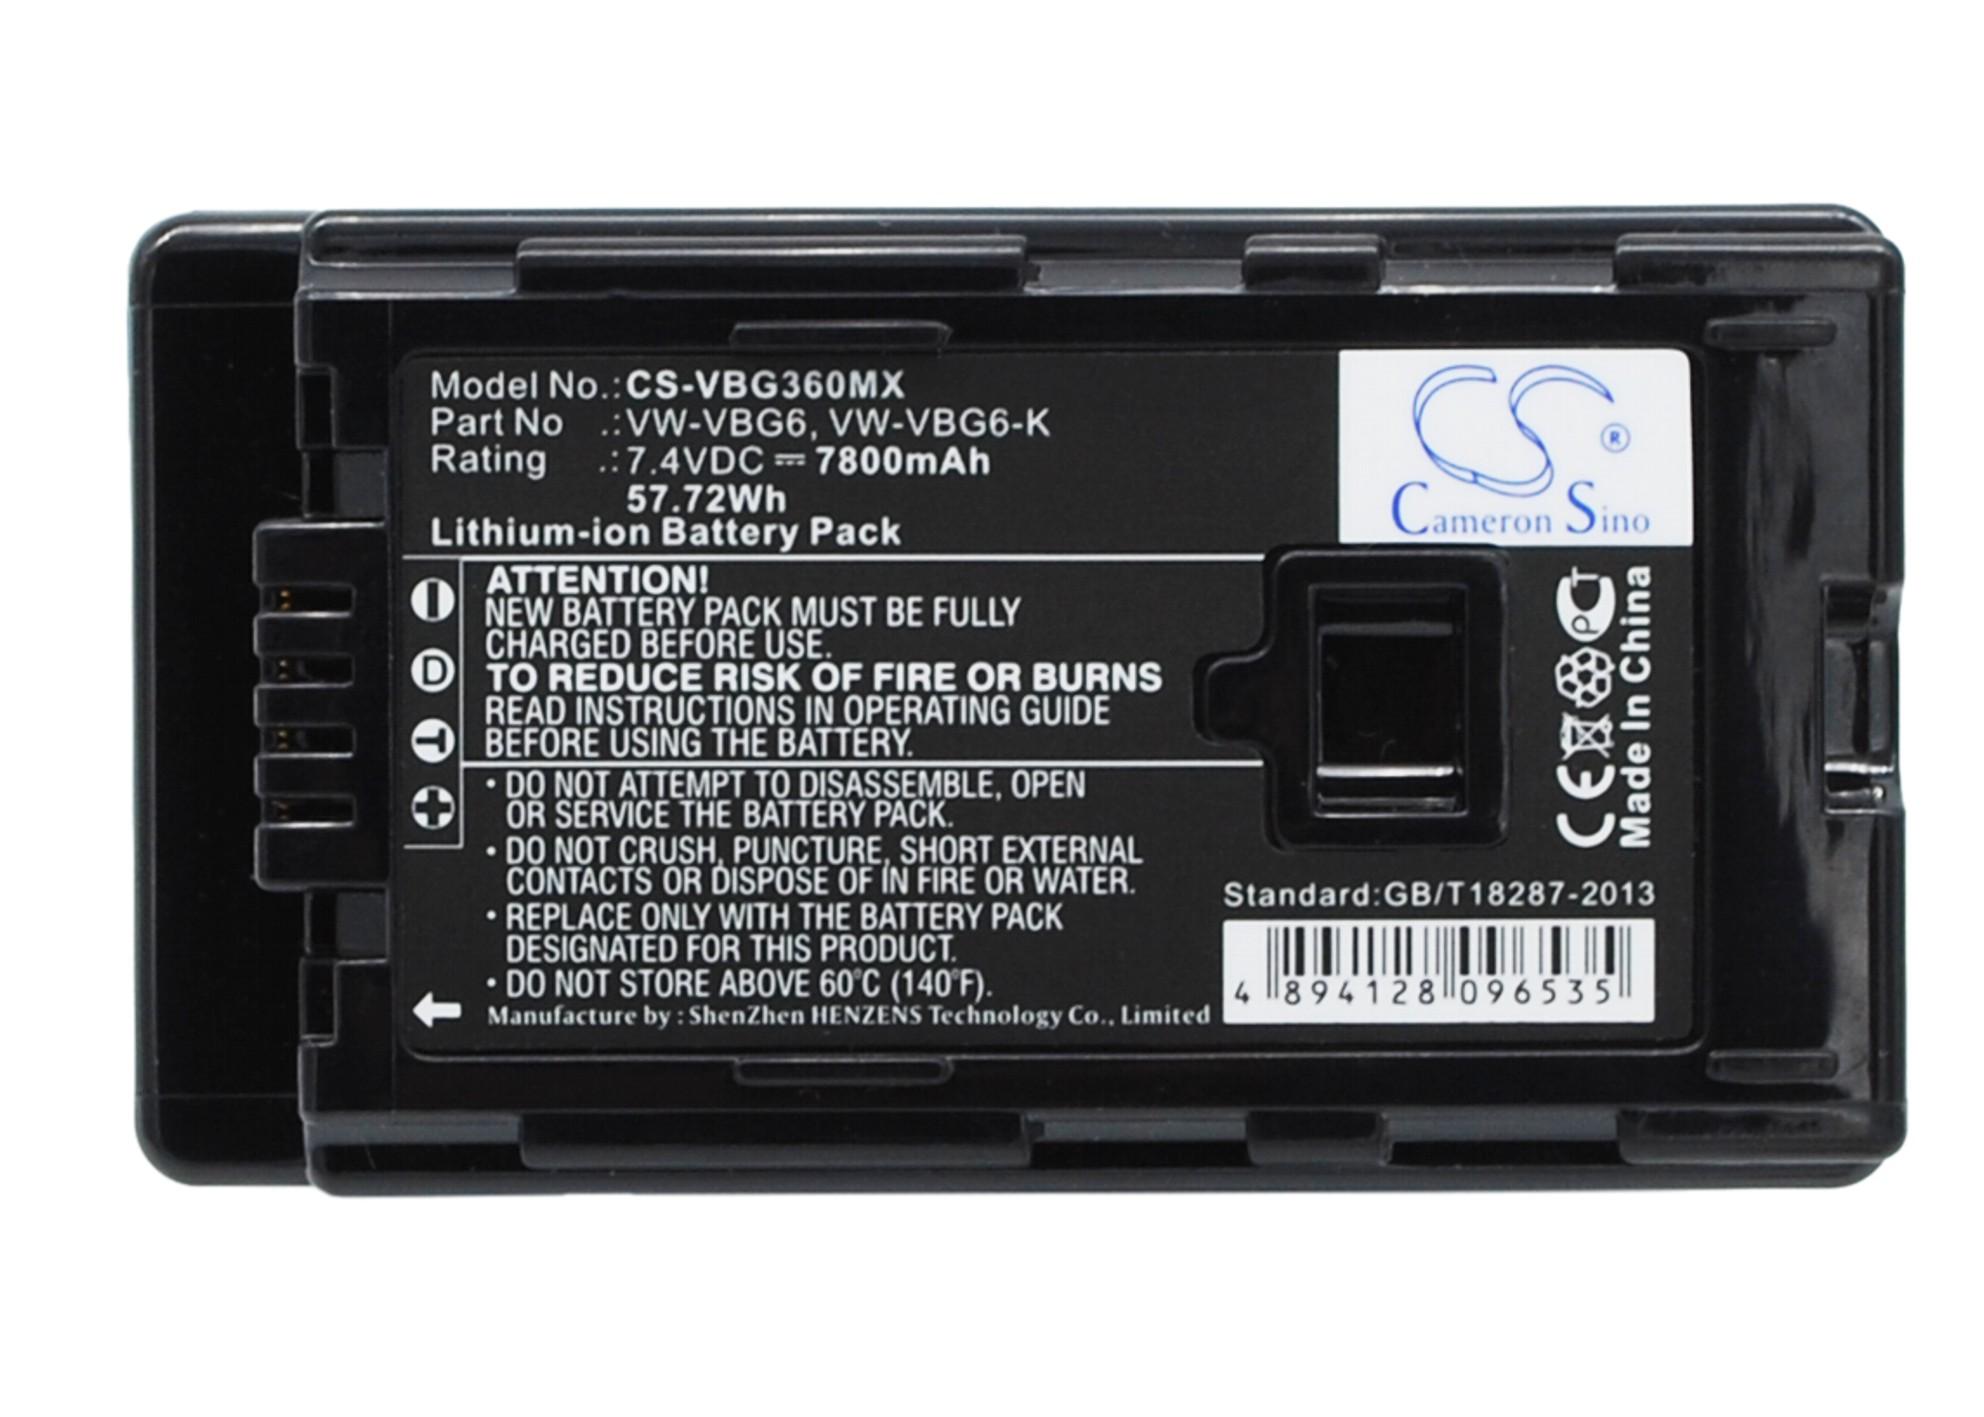 Cameron Sino baterie do kamer a fotoaparátů pro PANASONIC HDC-SD9 7.4V Li-ion 7800mAh černá - neoriginální